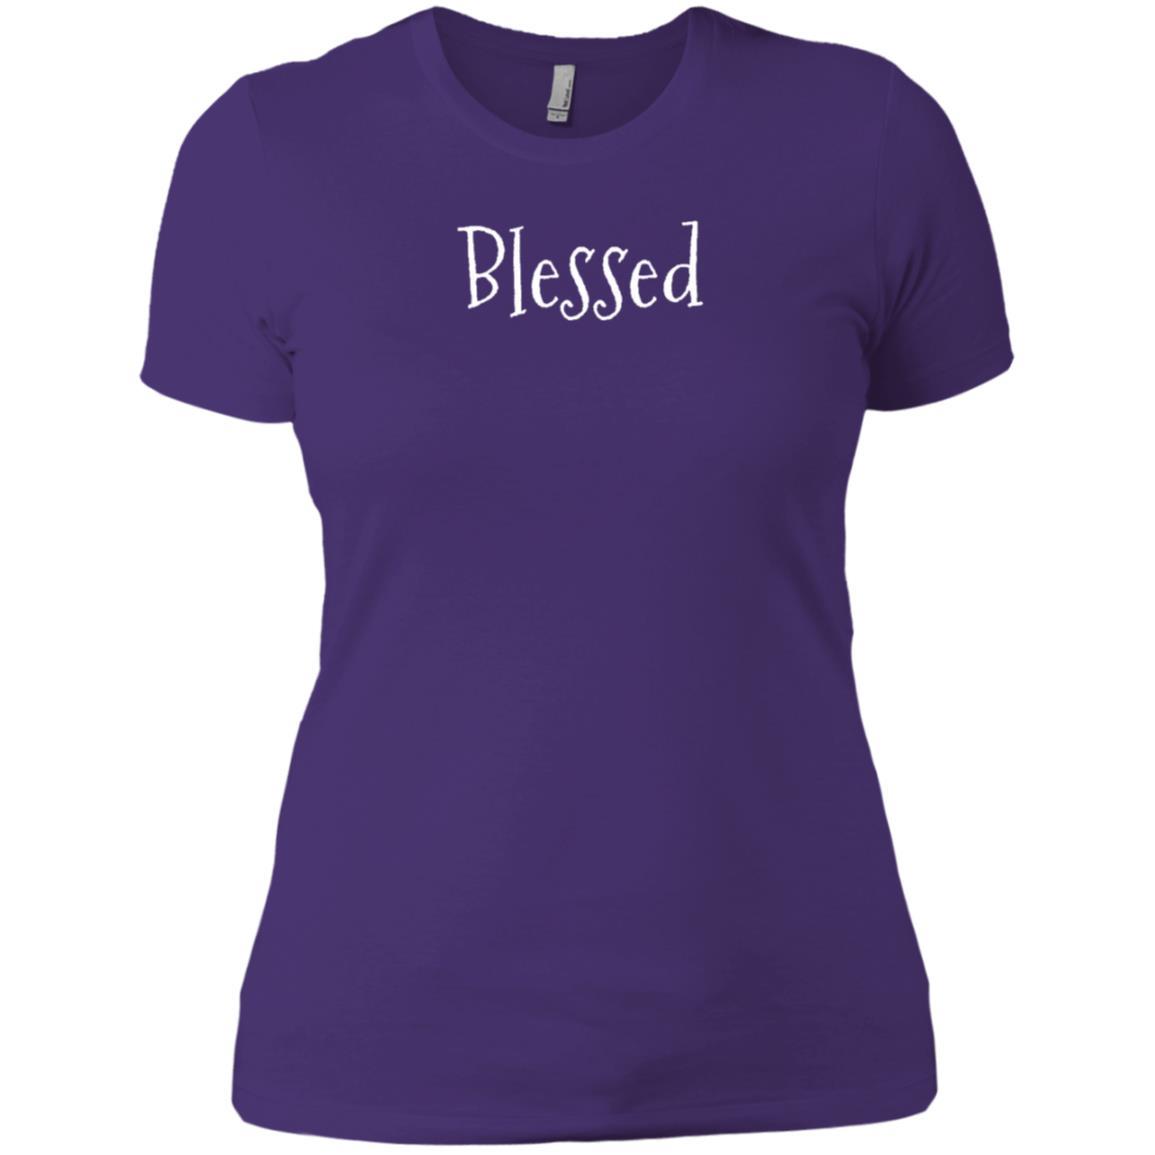 Blessed Spiritual Spirit Filled Christian Joy Long Women Short Sleeve